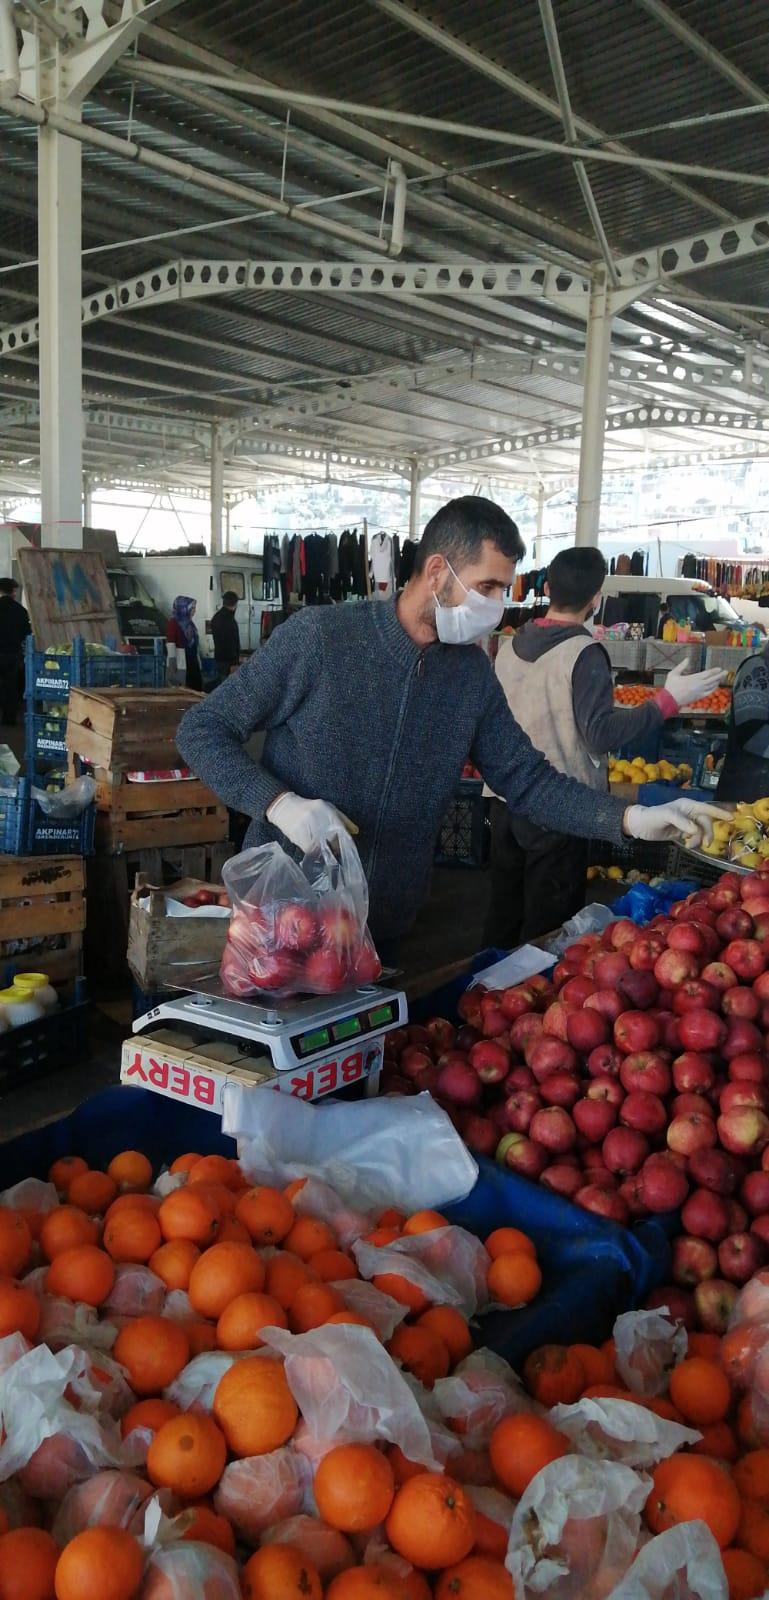 İskenderun'da Pazarların Açılış Saatleri Değişti